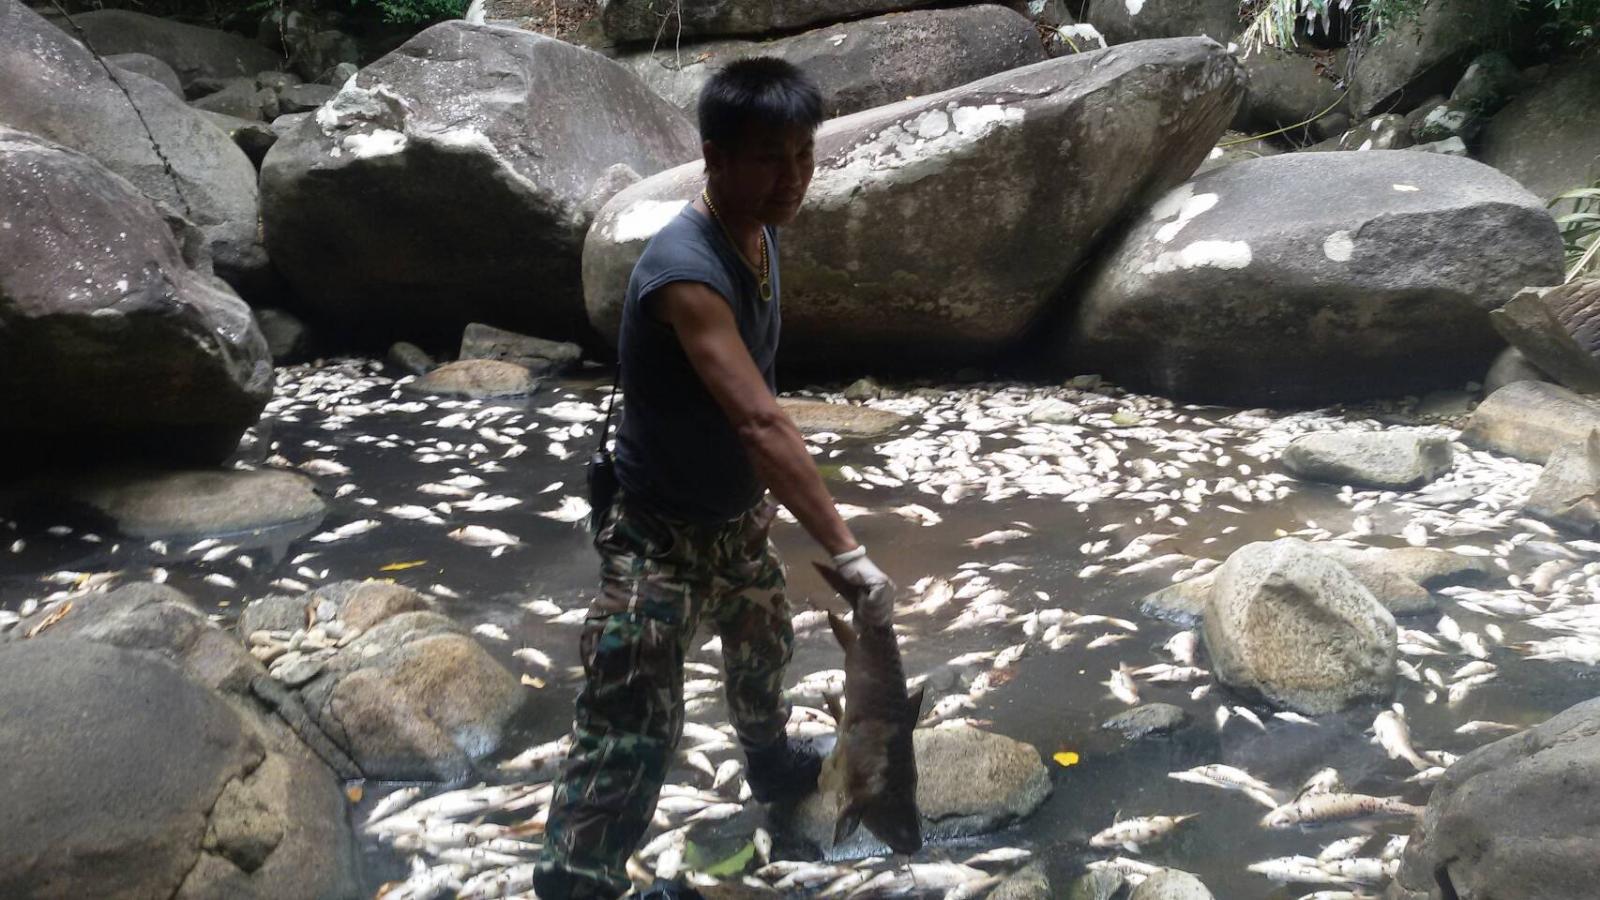 เร่งประสานประมงอำเภอ ตรวจสอบสาเหตุปลาพลวงตาย